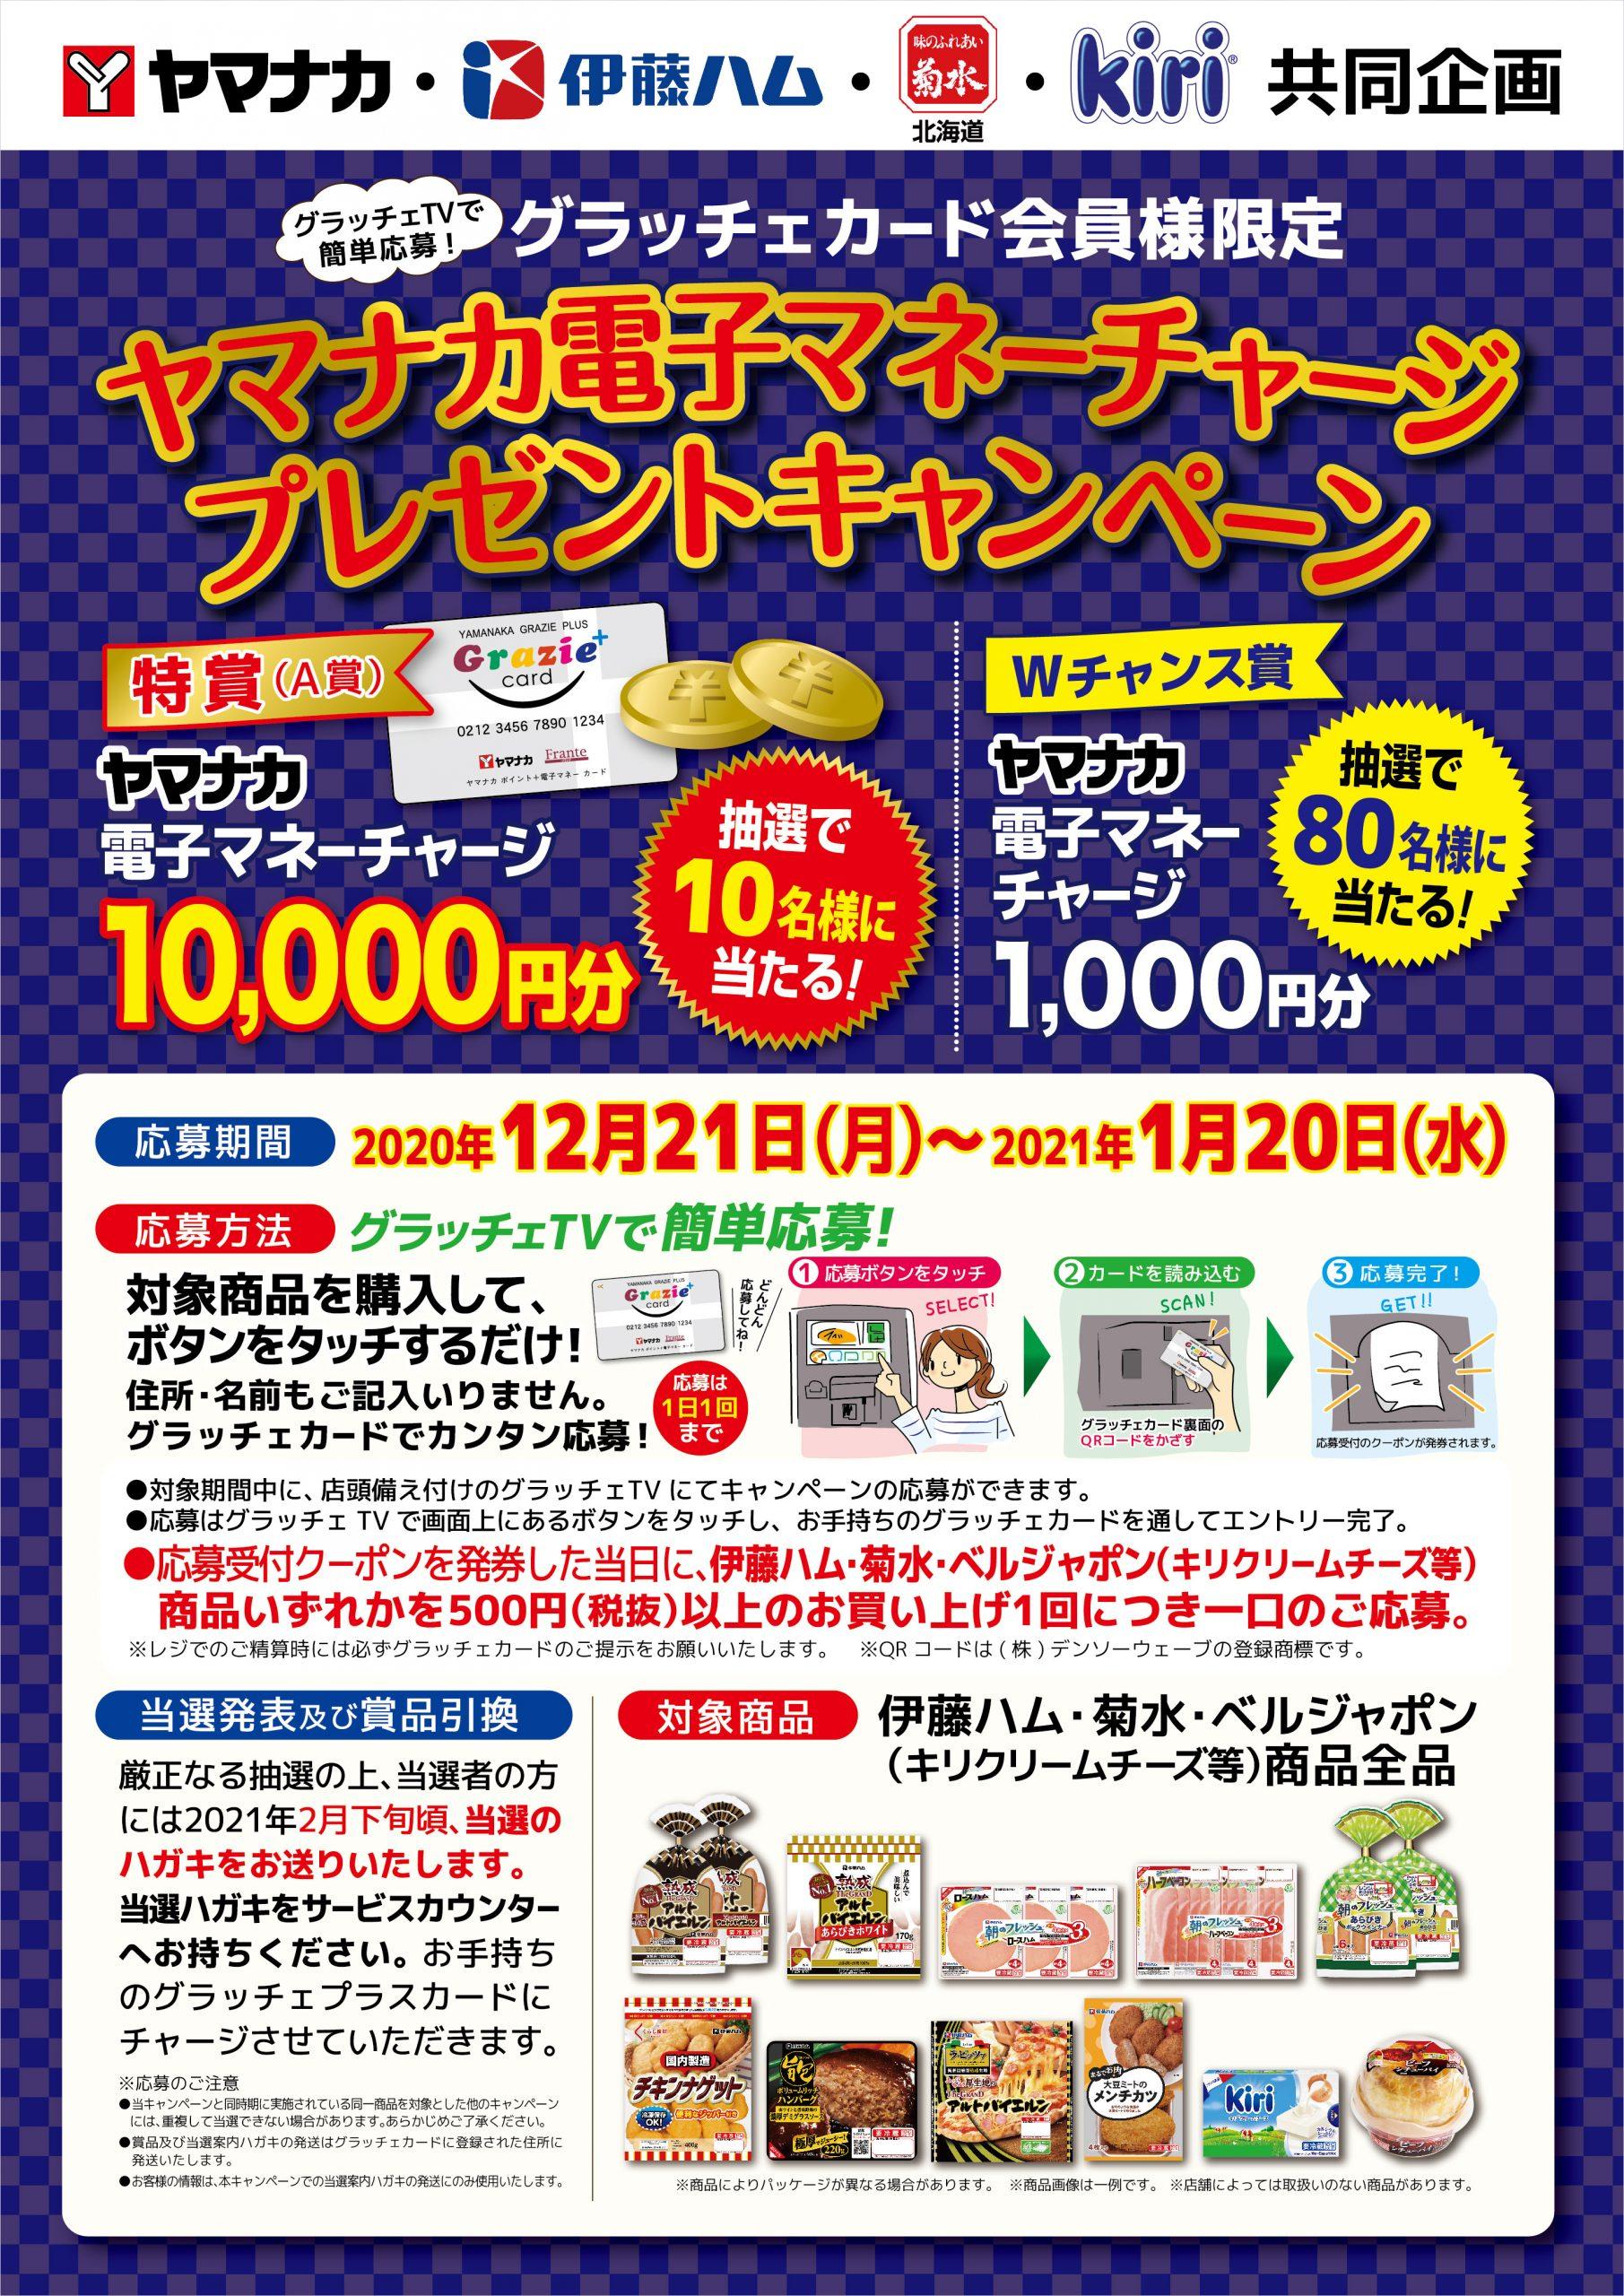 https://www.super-yamanaka.co.jp/wp/super/wp-content/uploads/2020/12/1221itouhamu-scaled.jpg